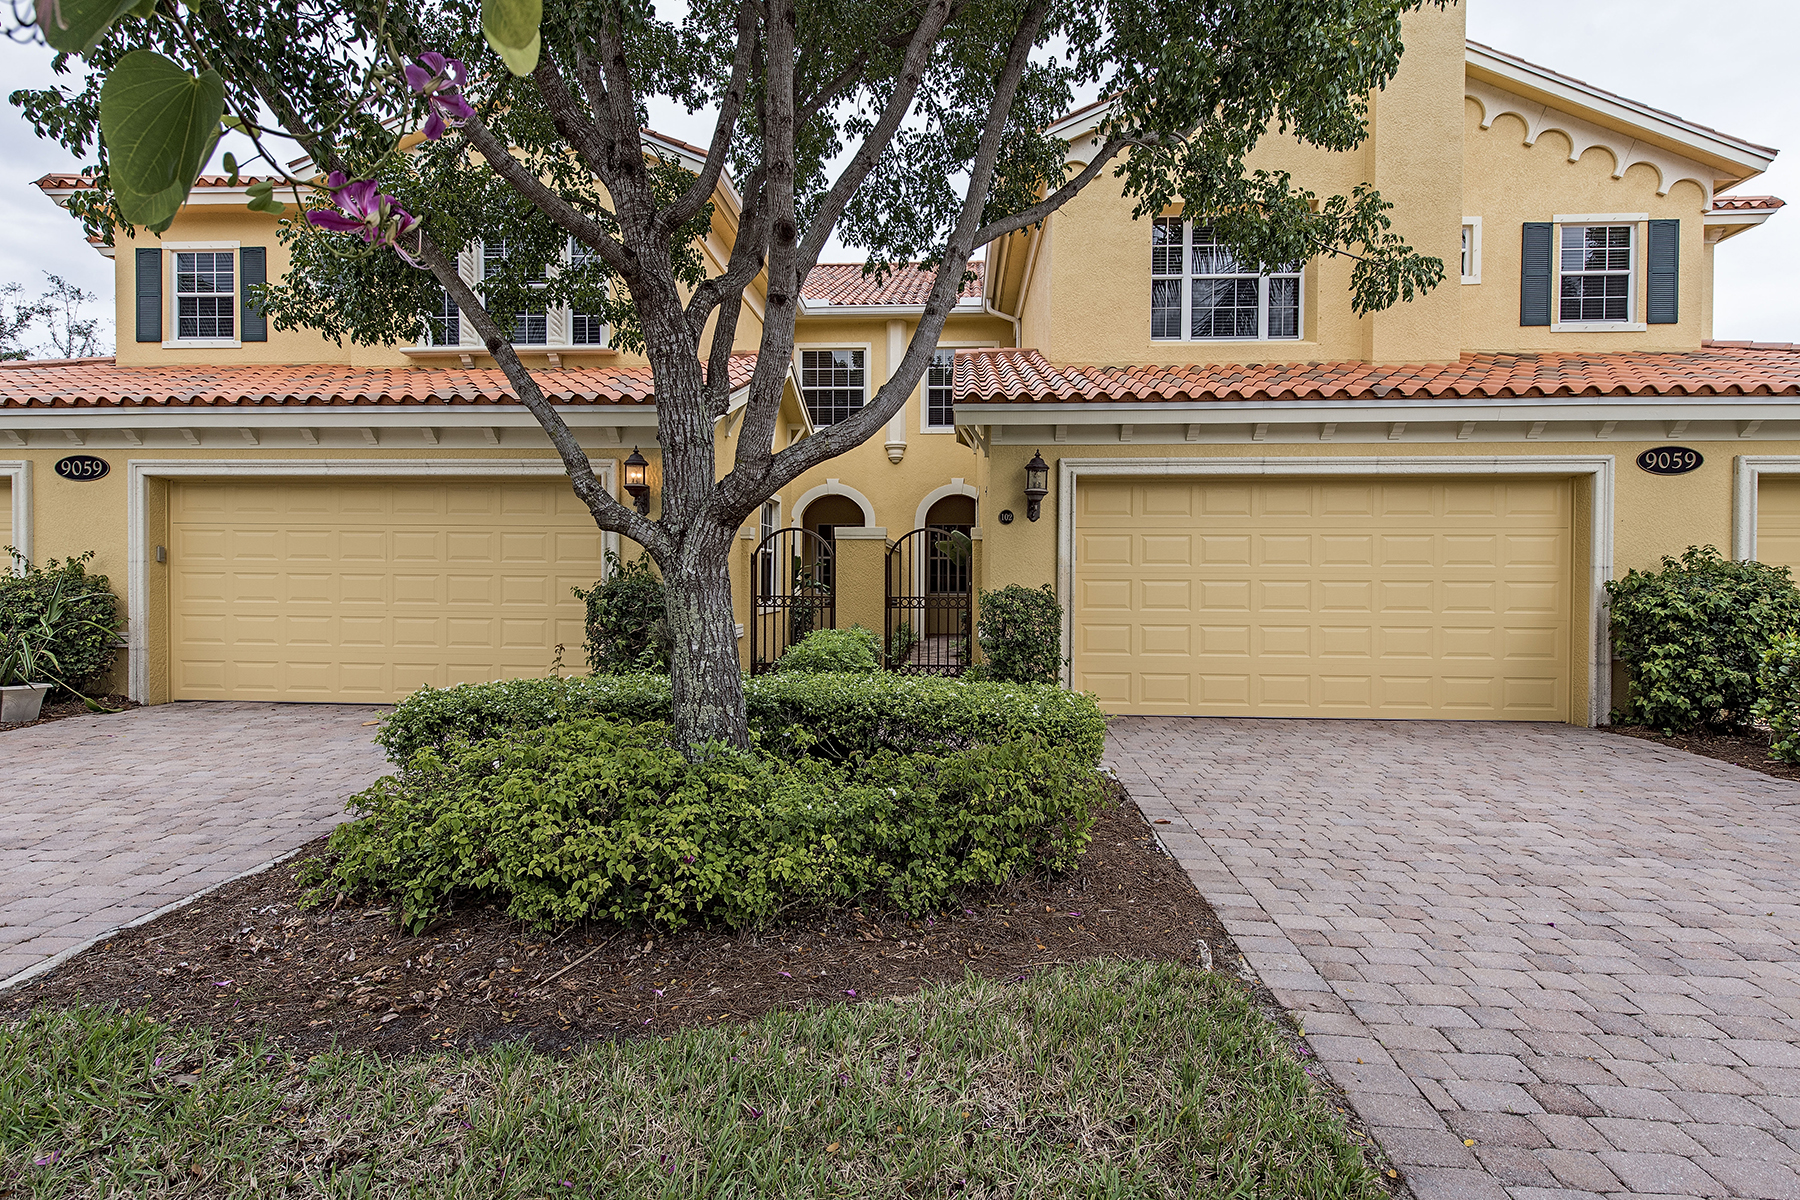 Condomínio para Venda às FIDDLERS CREEK - FIDDLERS CREEK 9059 Cascada Way 101 Naples, Florida 34114 Estados Unidos